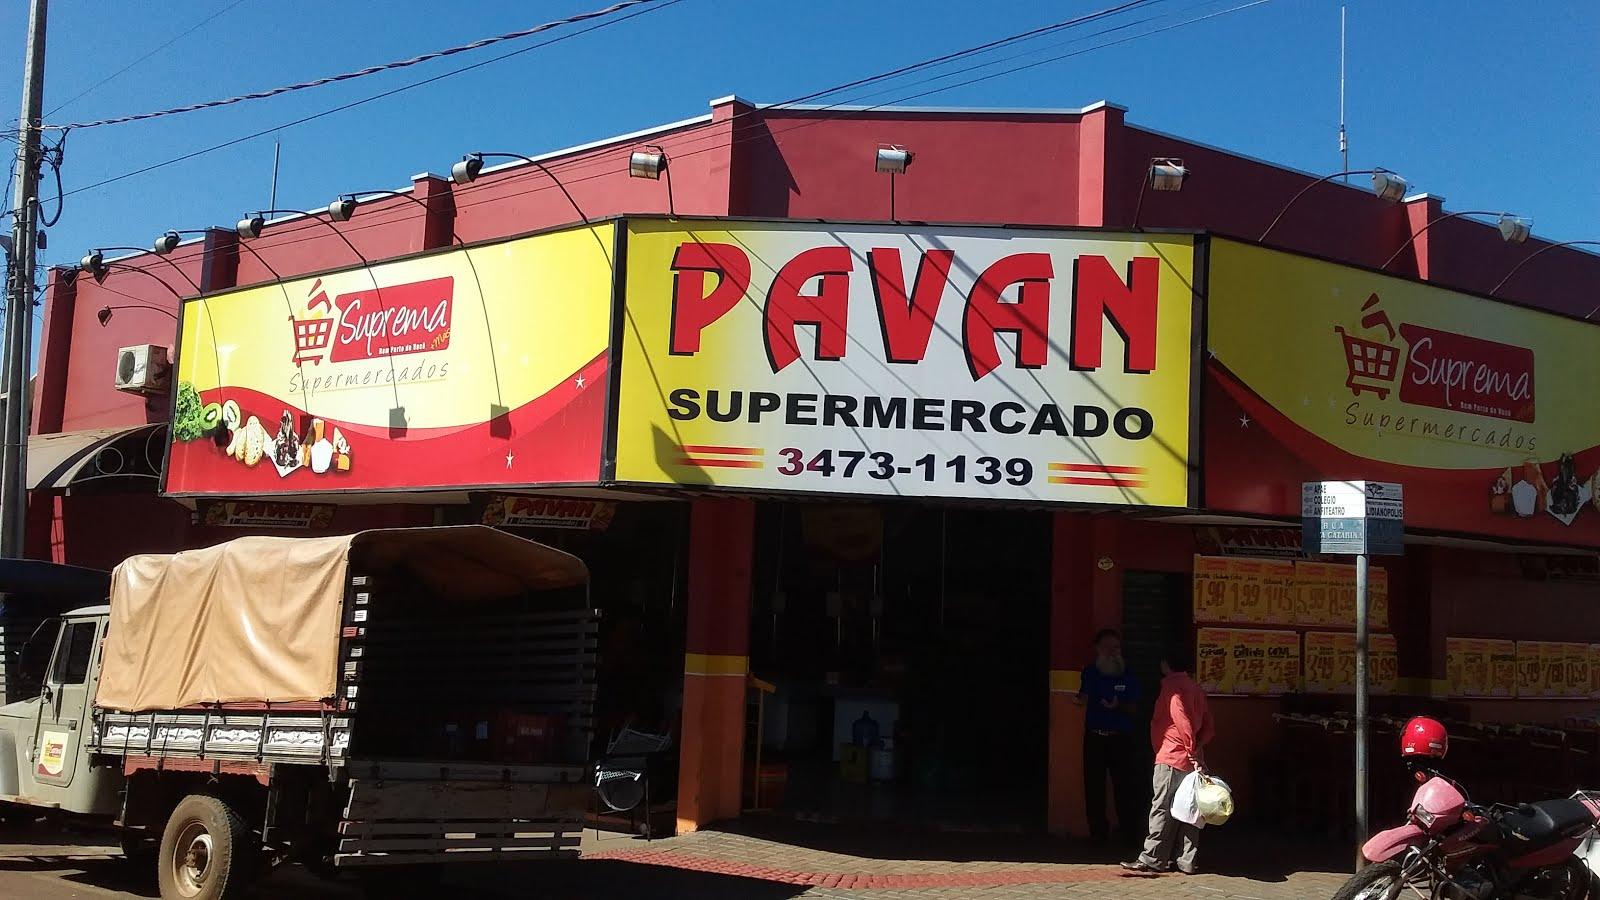 Pavan Supermercado